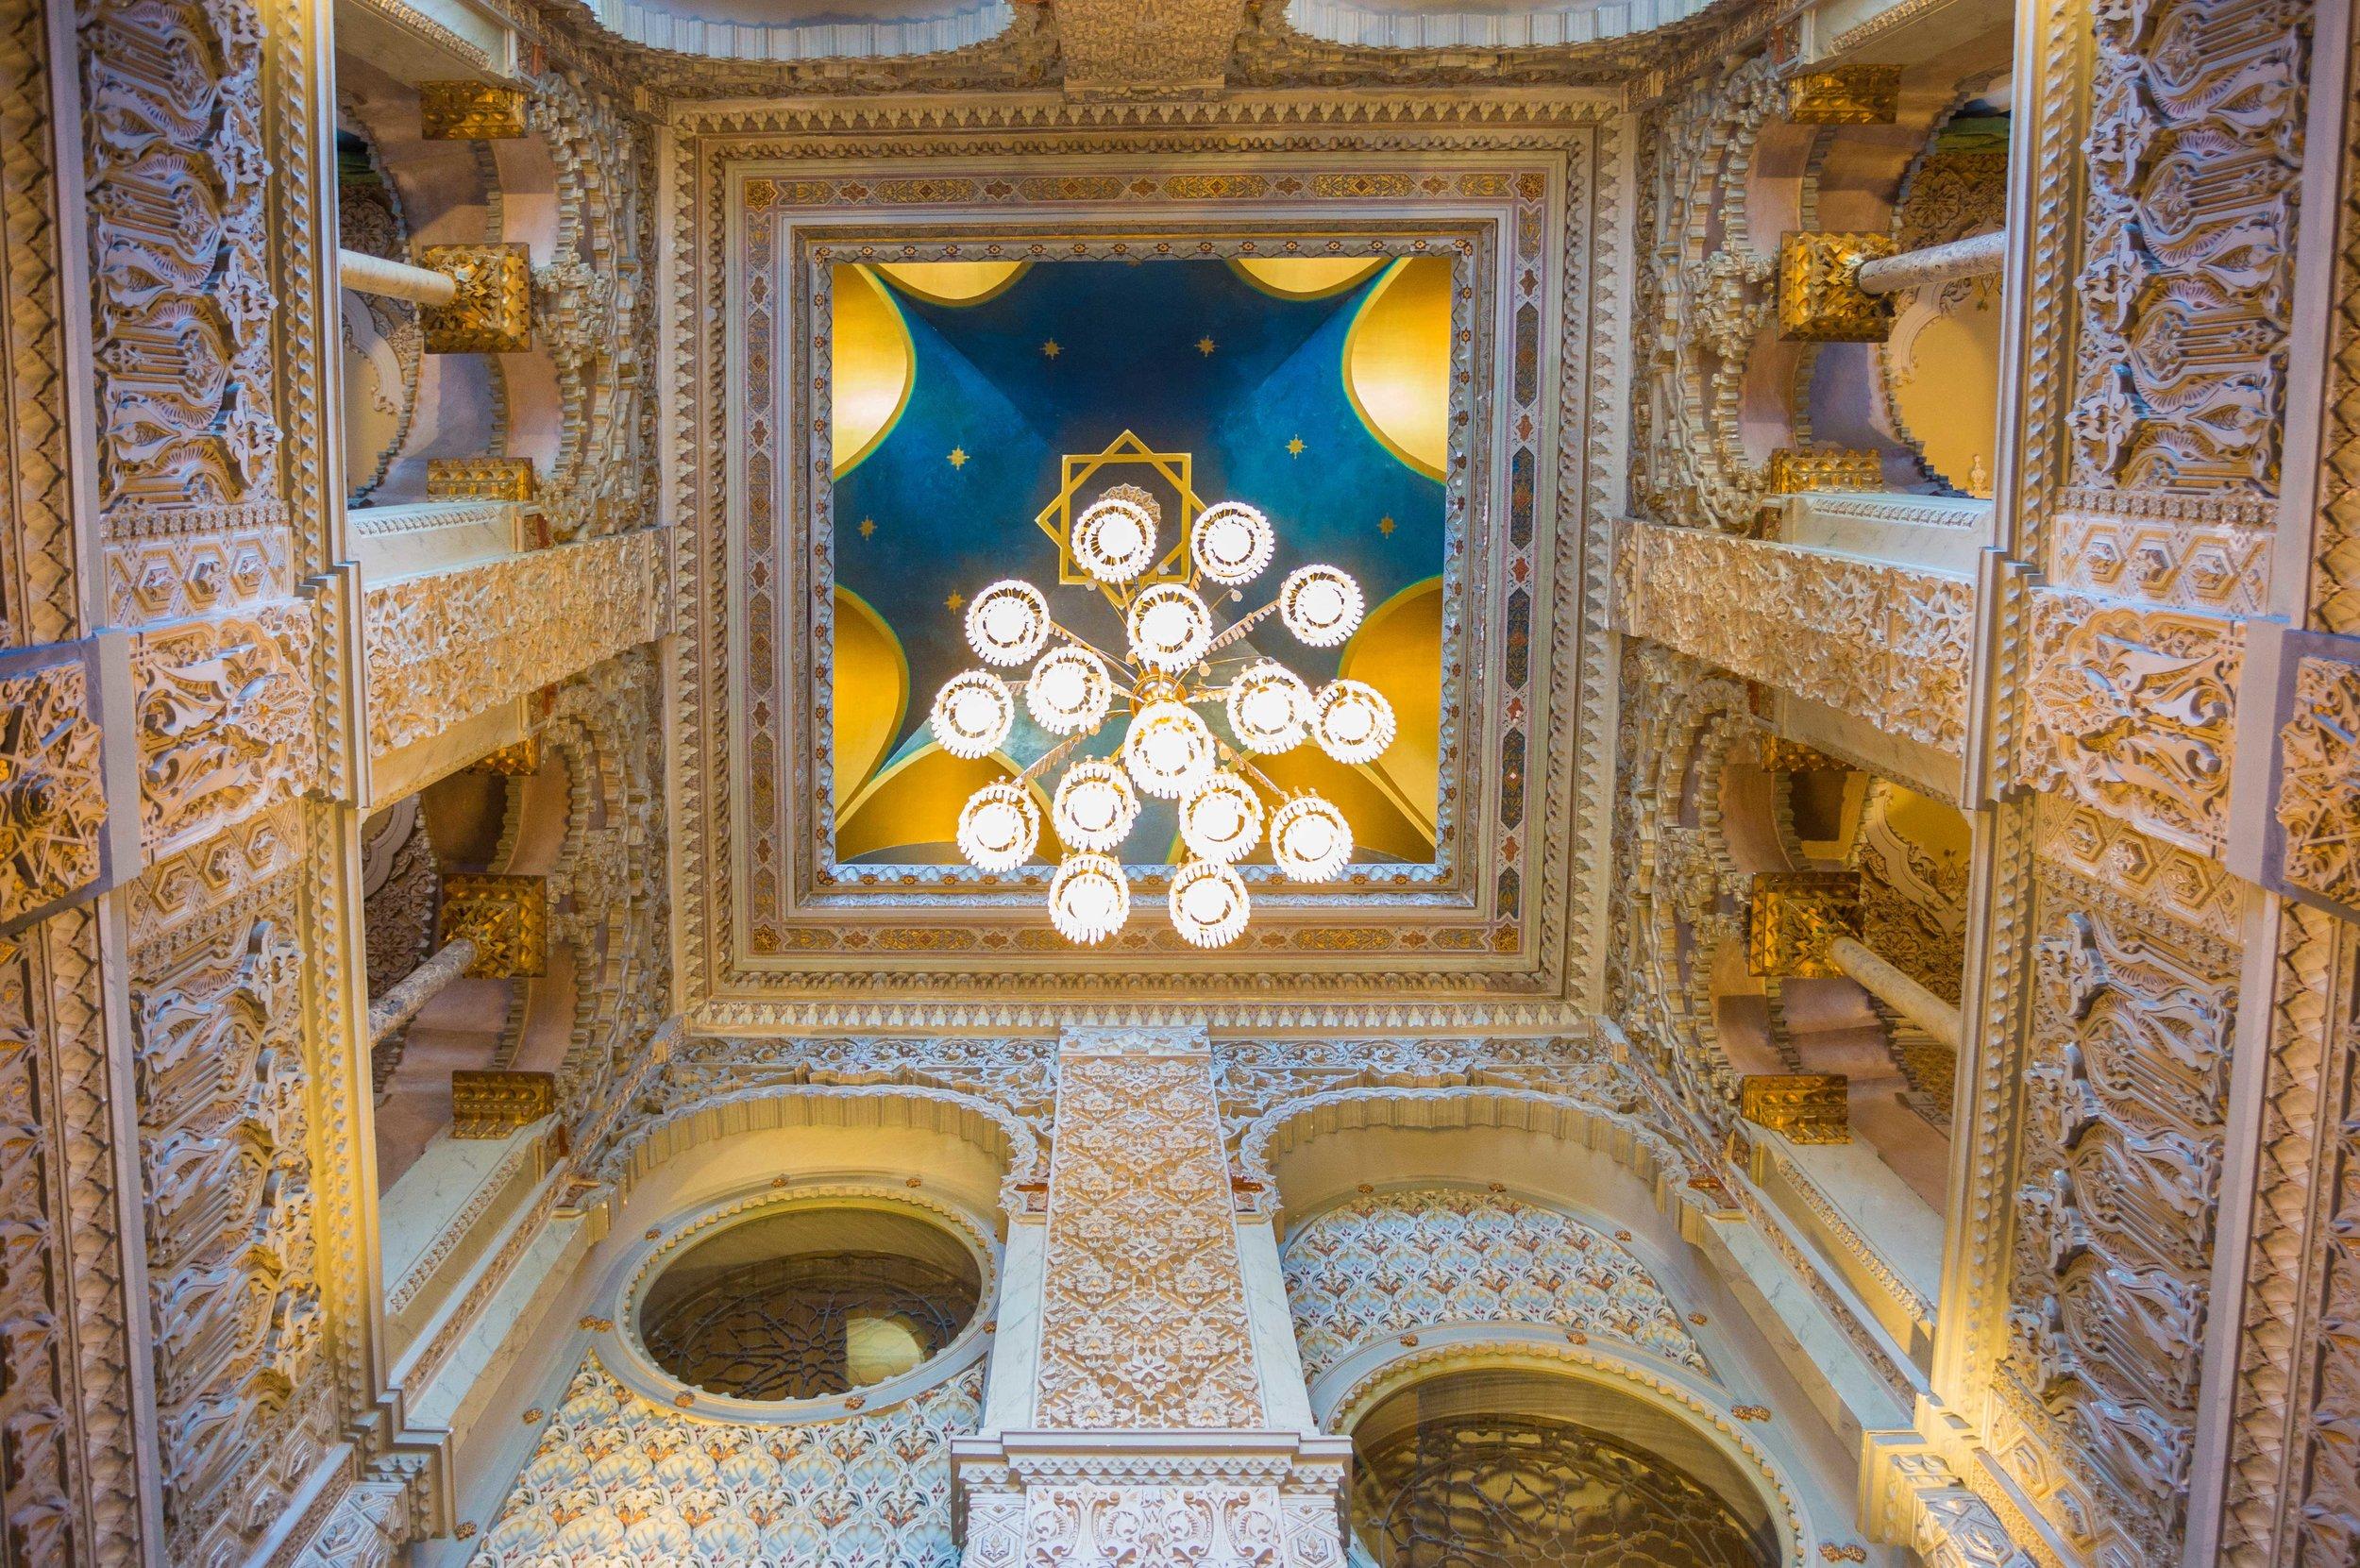 crespi-ceiling.jpg